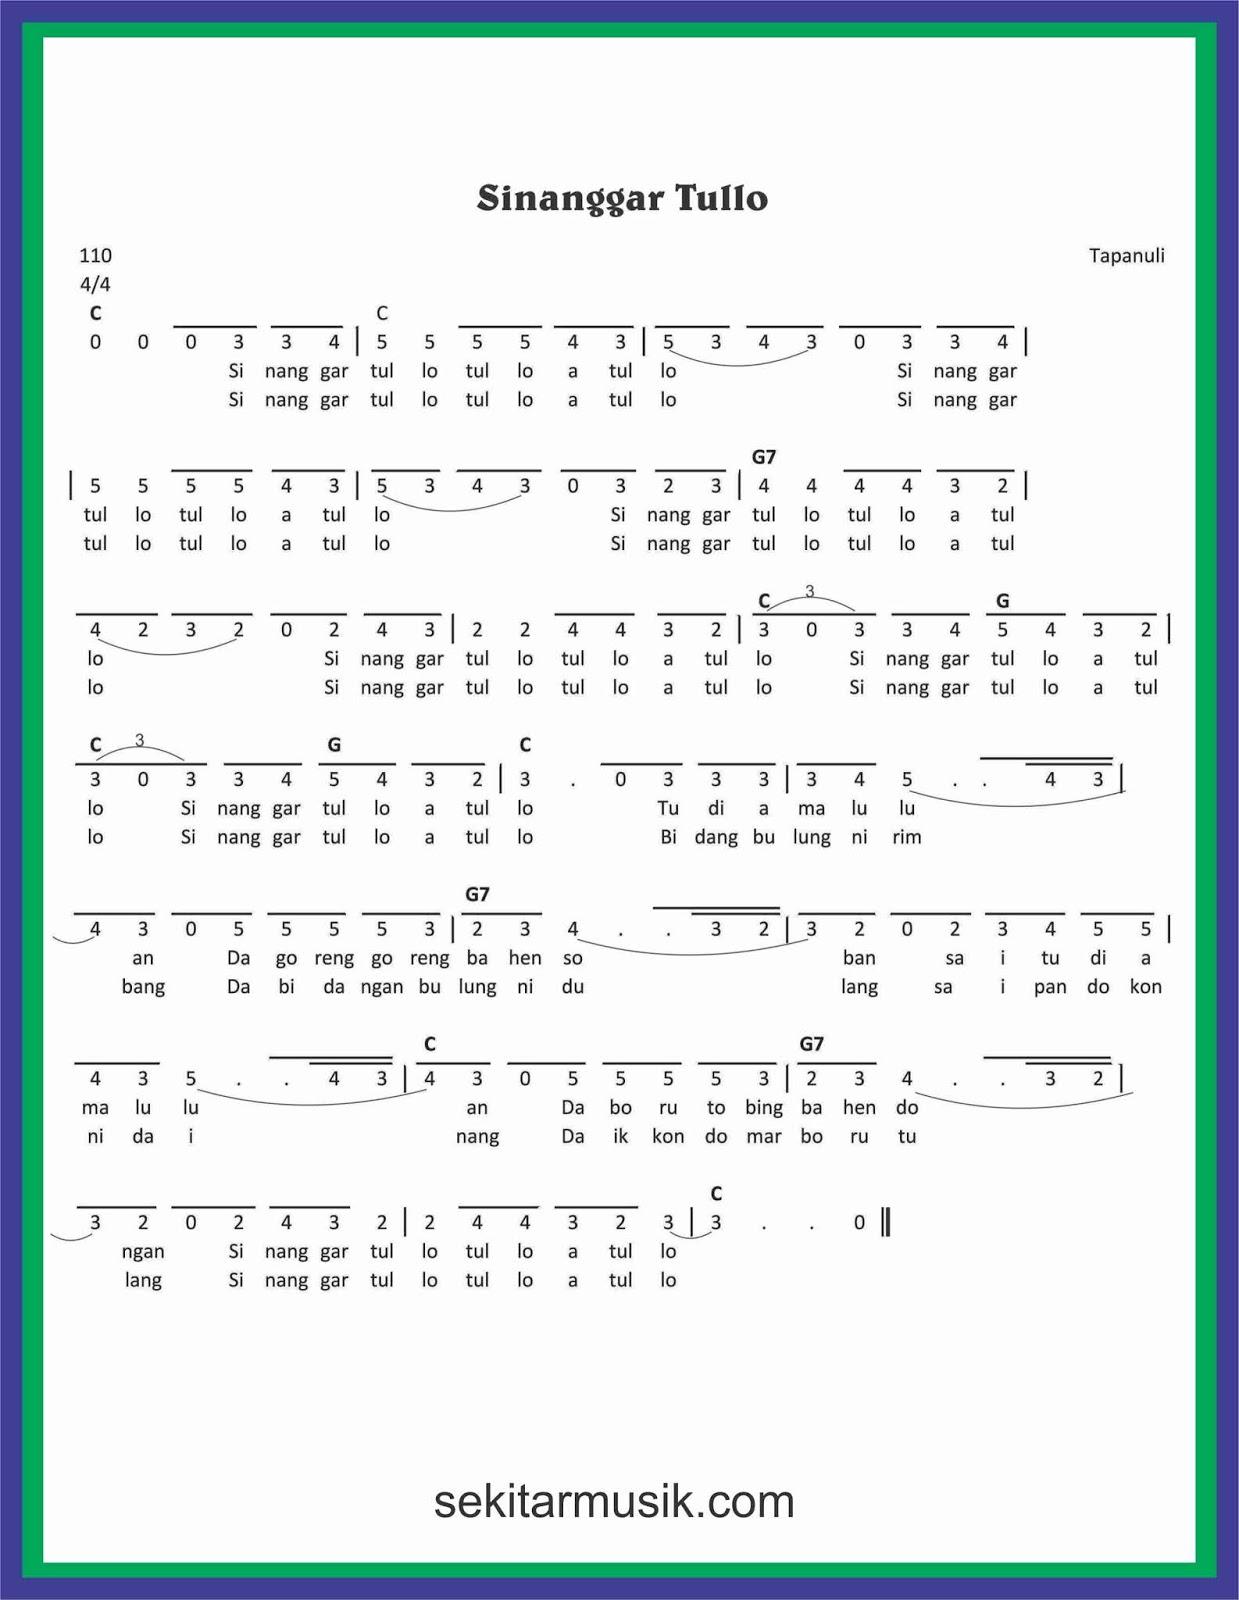 Lirik Sinanggar Tulo : lirik, sinanggar, Angka, Sinanggar, Tullo, SEKITAR, MUSIK